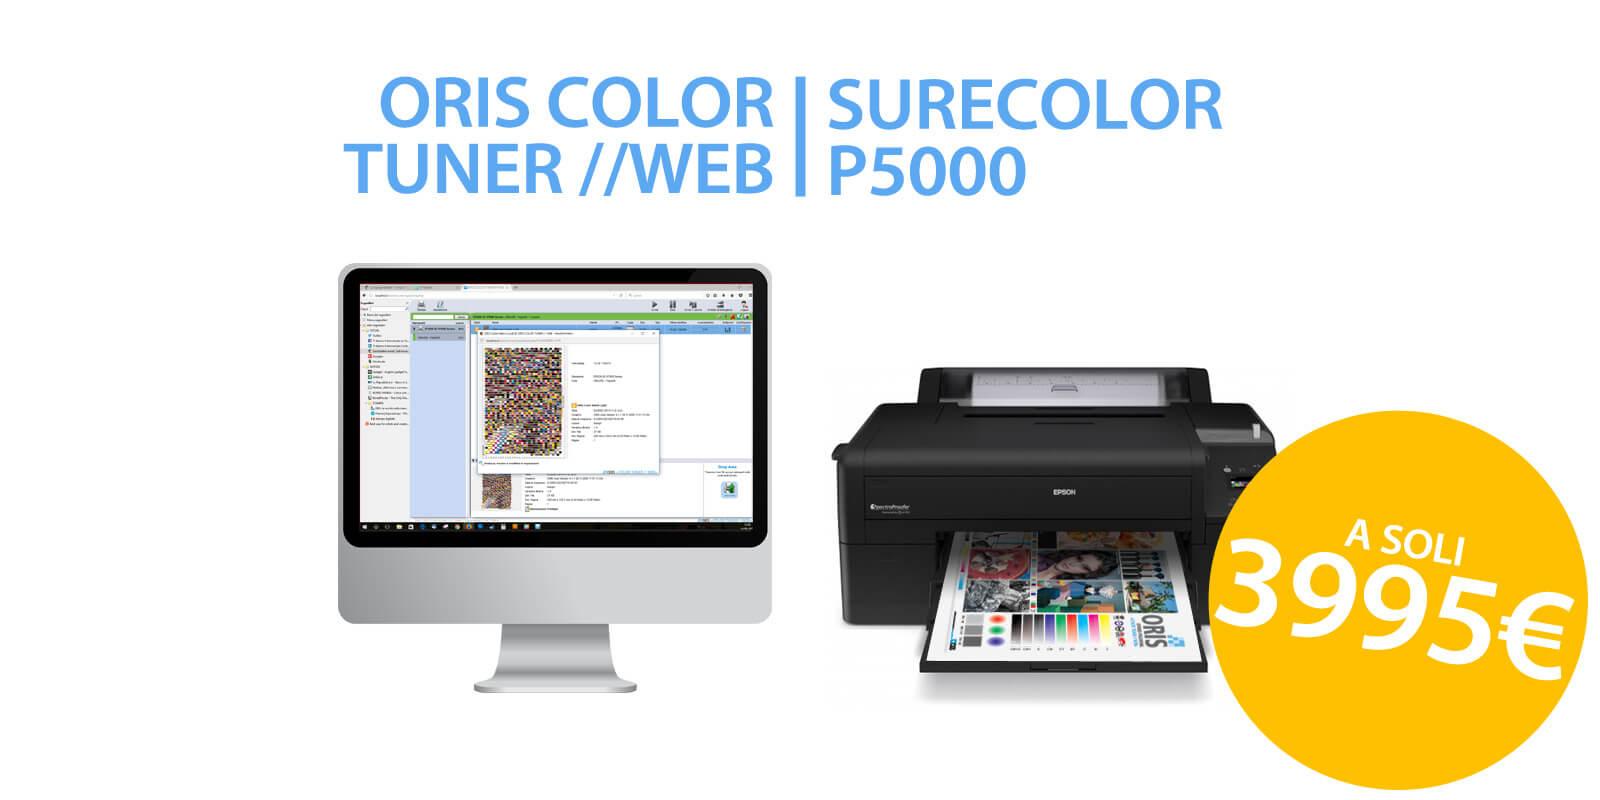 Promozione prova colore con Epson Surecolor P5000 e ORIS Color Tuner WEB